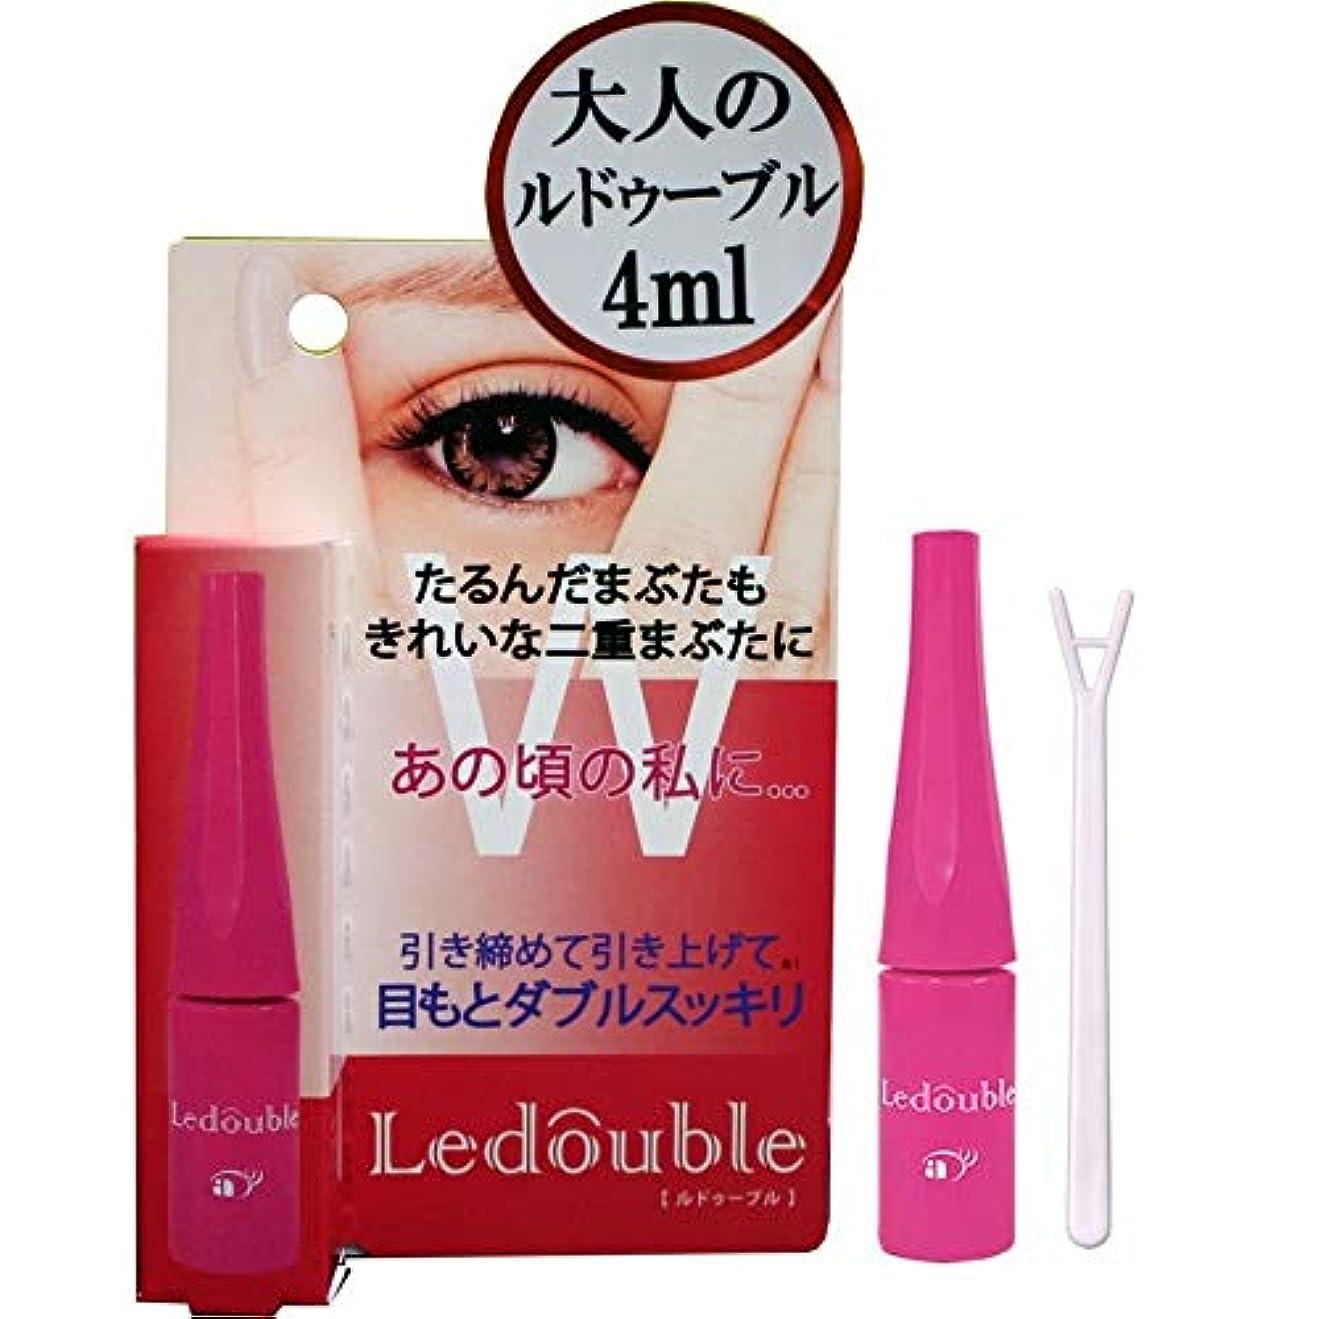 退屈暴露する帳面大人のLedouble [大人のルドゥーブル] 二重まぶた化粧品 (4mL)